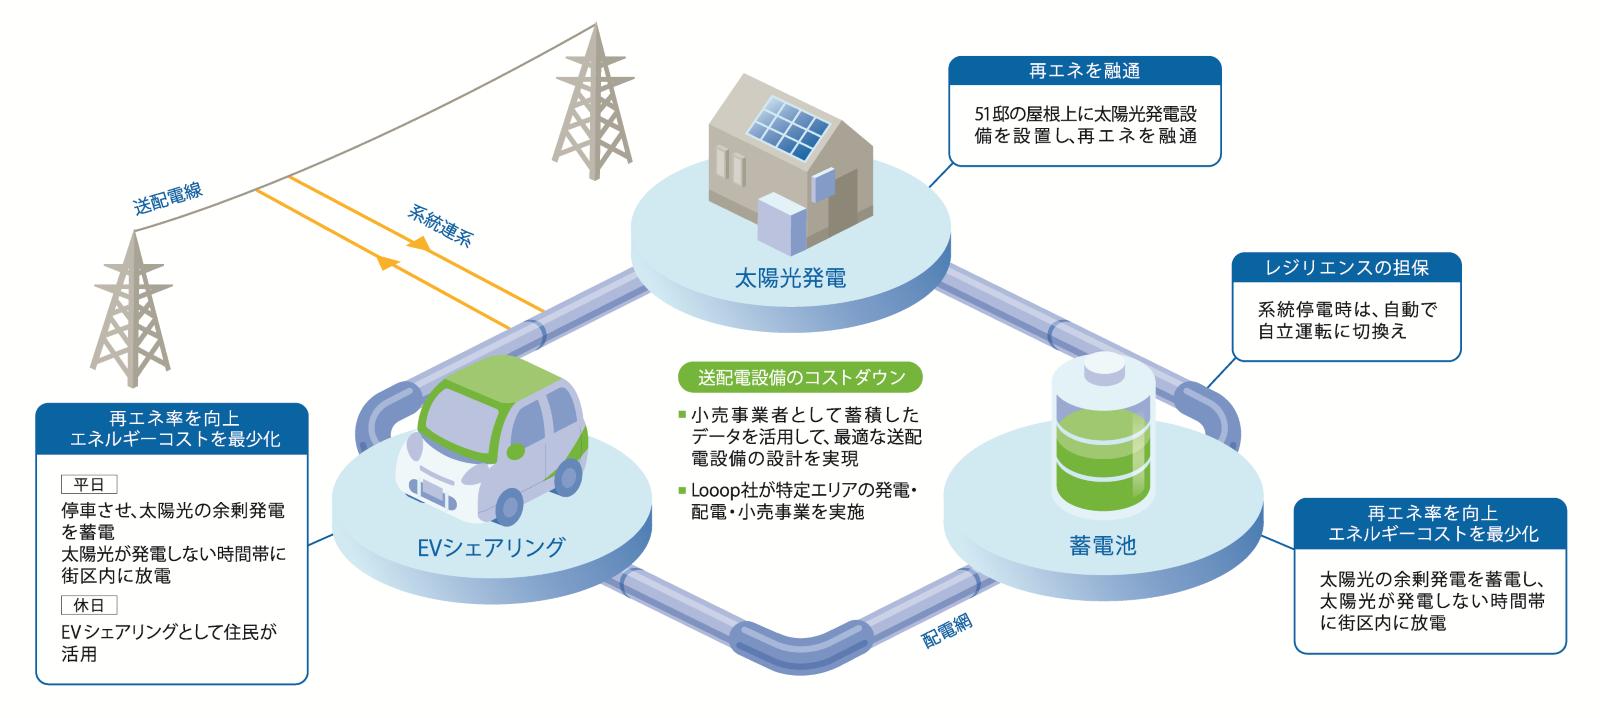 イノベーション 構築 による 事業 循環 脱 圏 炭素 地域 共生